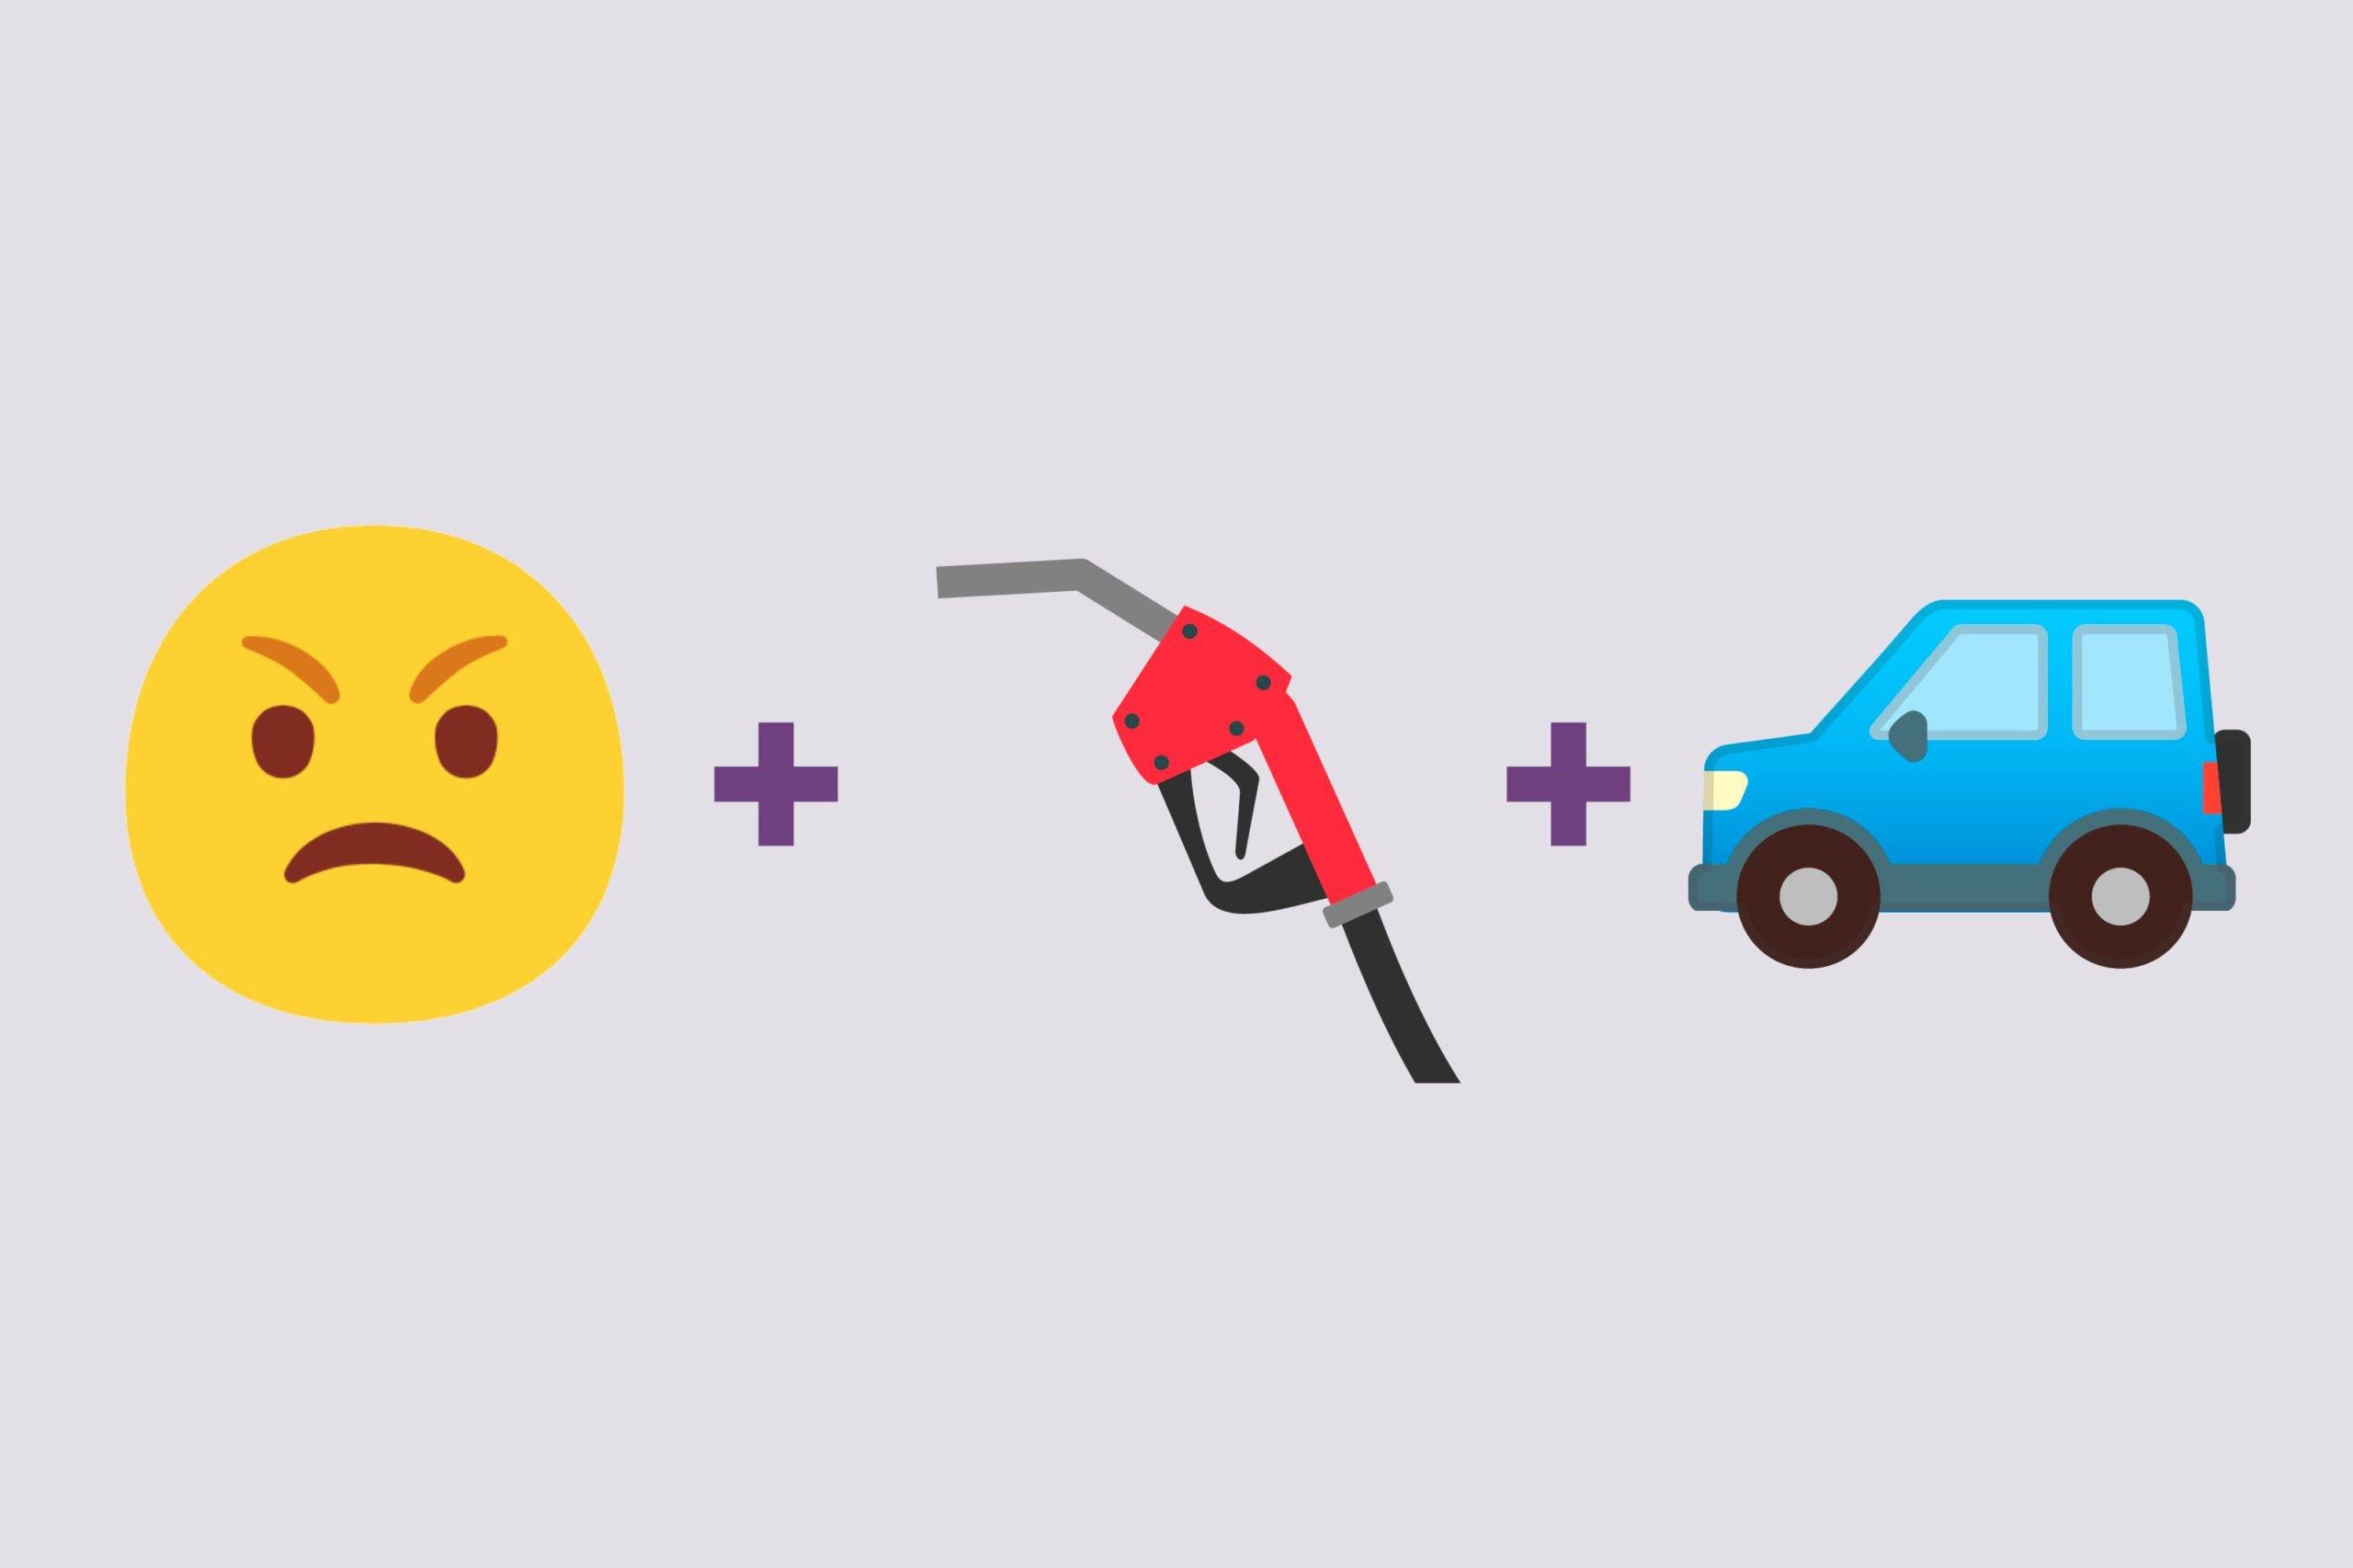 Angry emoji + gas emoji + car emoji